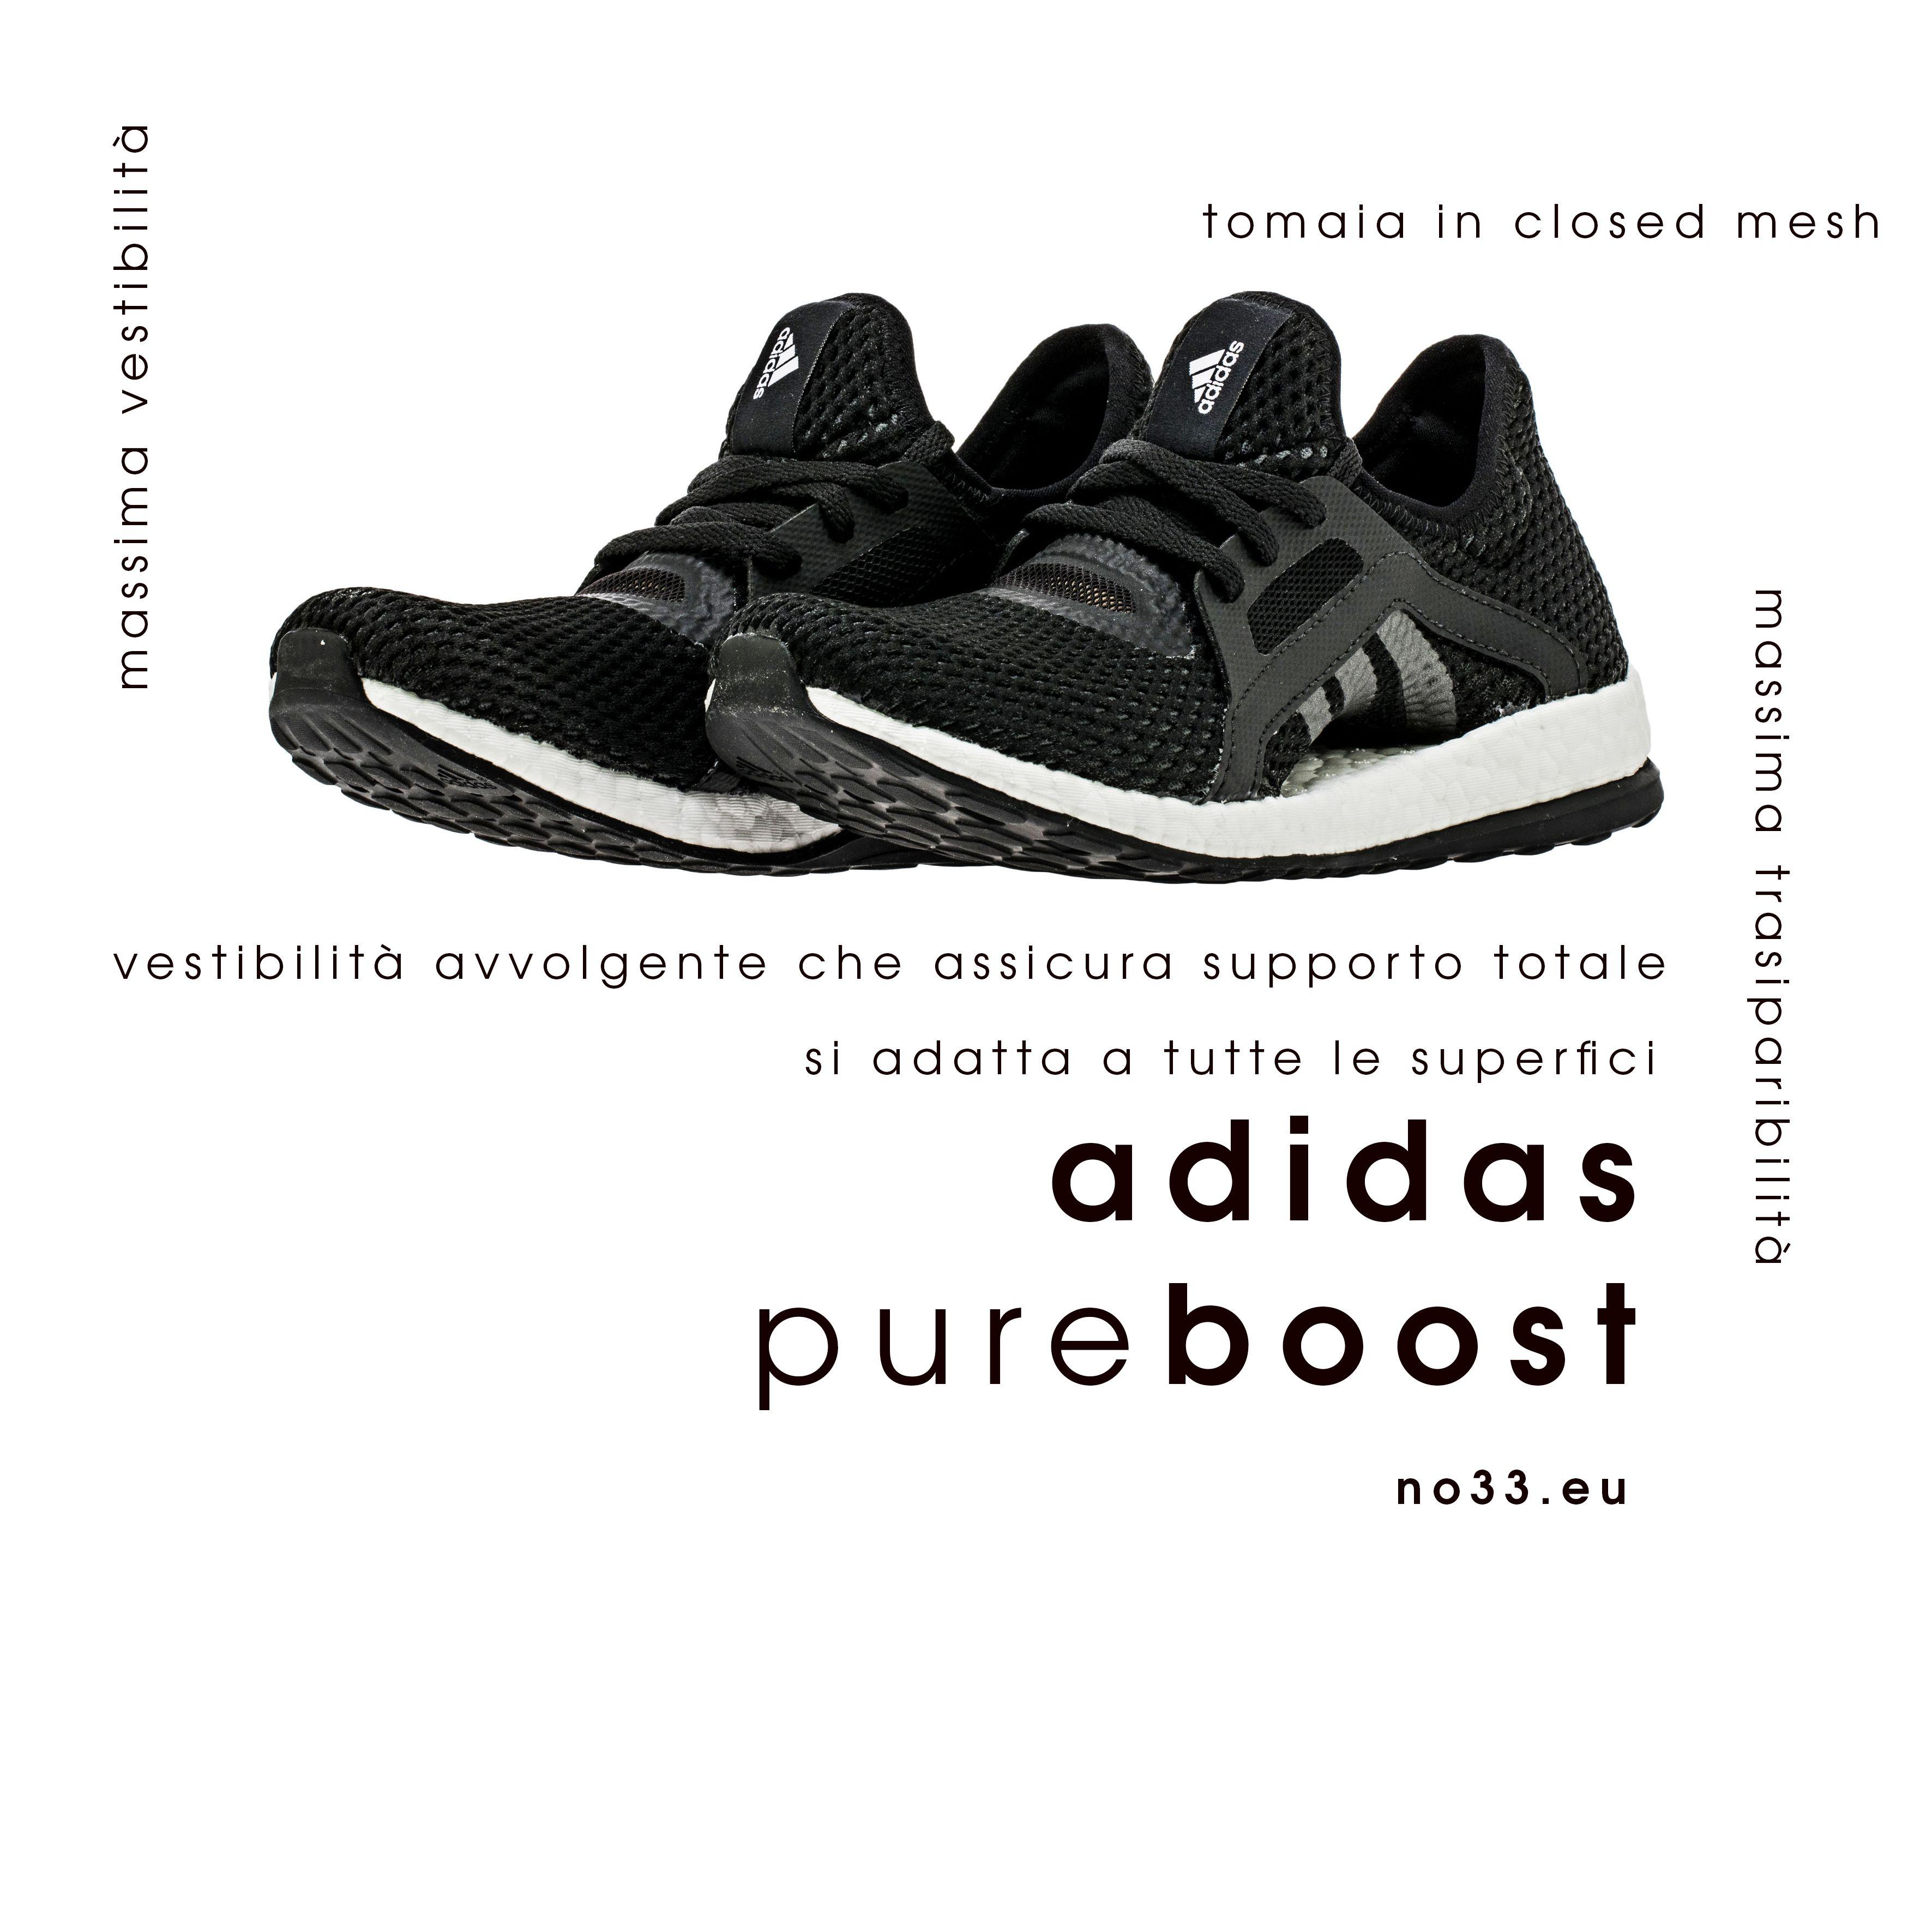 Adidas pure boost x core black solid gray   no33.eu   Pinterest ...